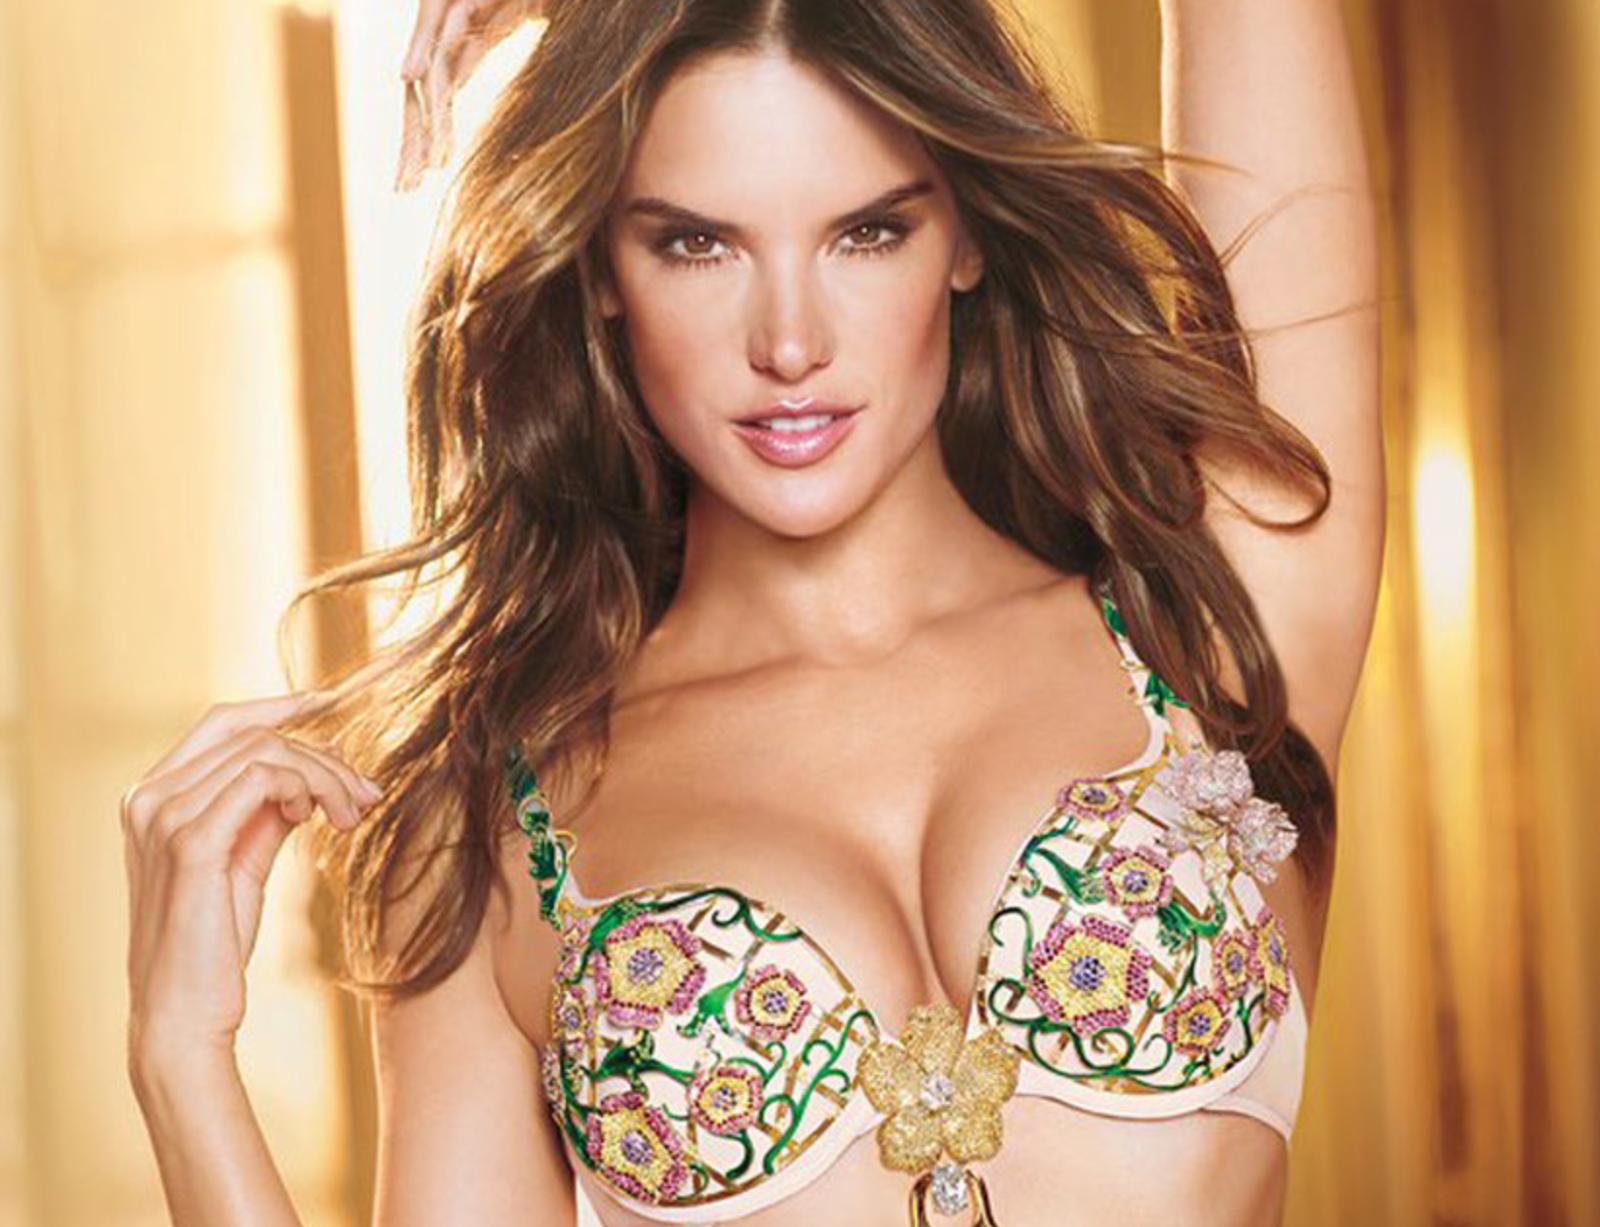 Sau phẫu thuật, núm vú được thu nhỏ, trở nên cân xứng, góp phần tạo nên vẻ đẹp hoàn hảo cho bầu ngực